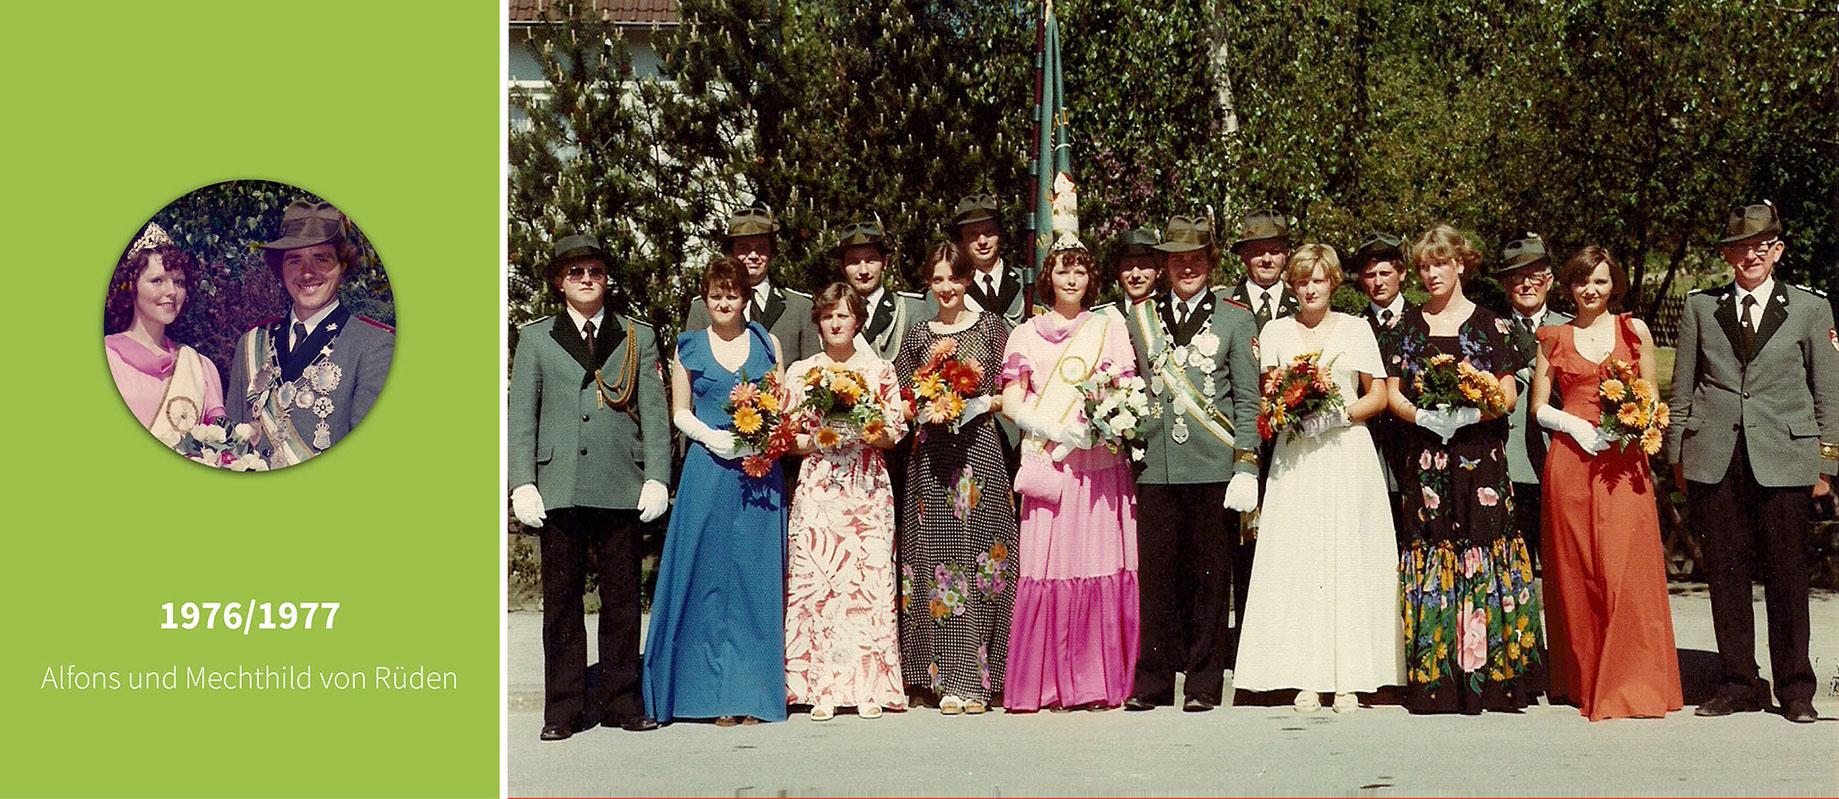 1976_1977_alfons-und-mechthild-von-rüden_2x